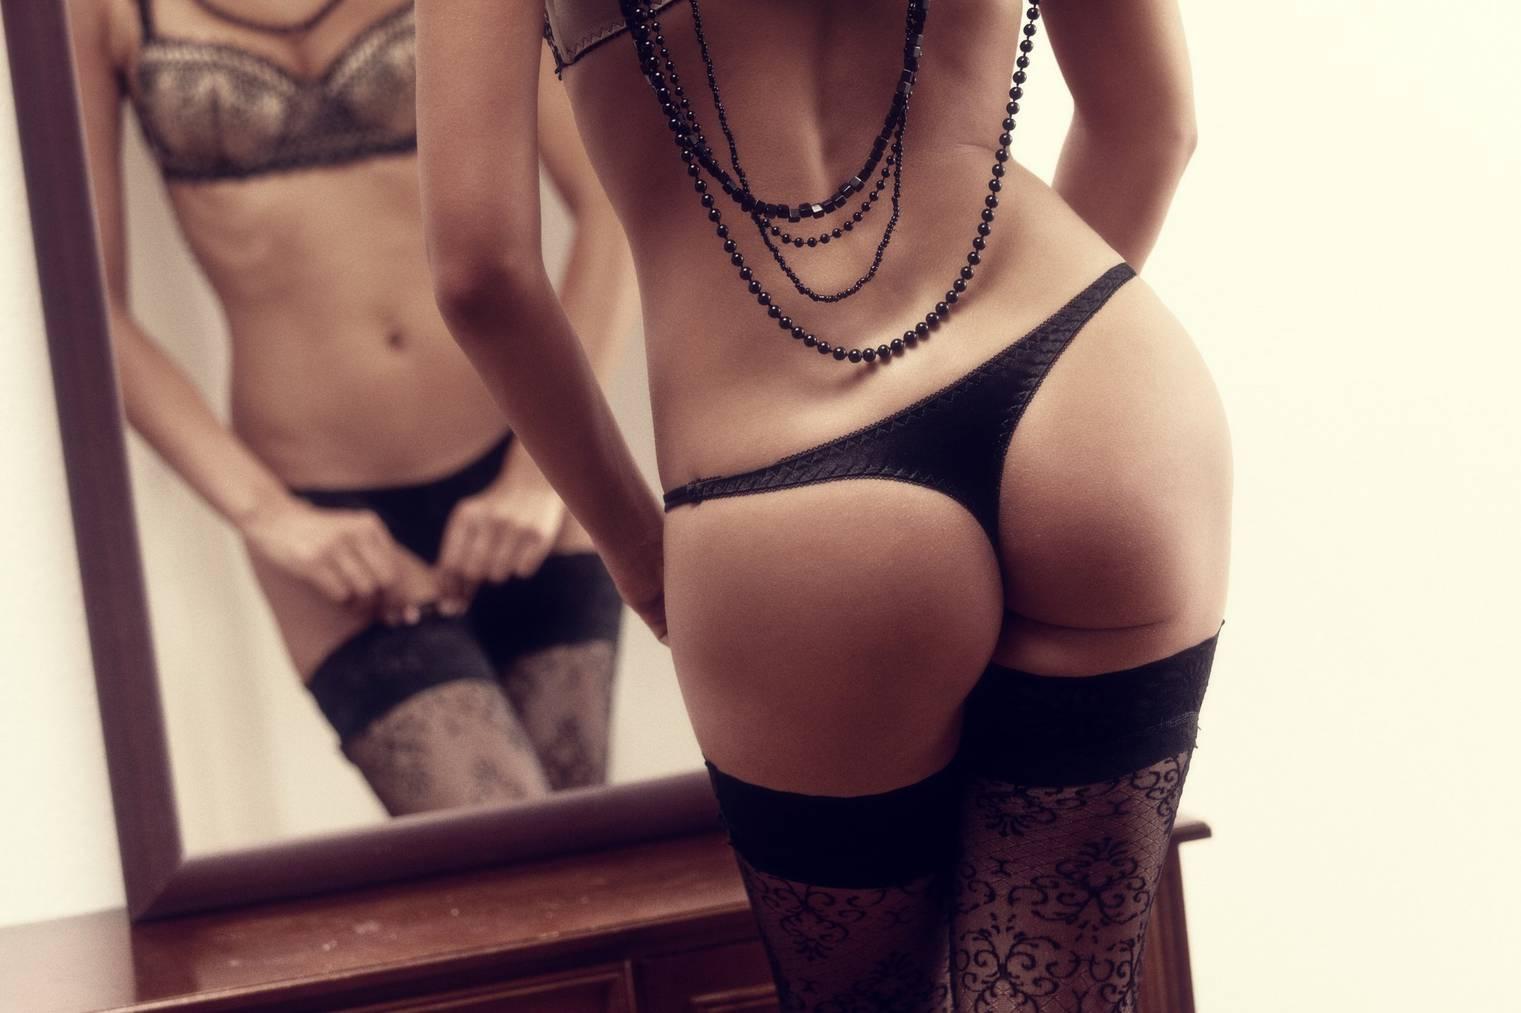 Lass ihr Zeit, sie will sich zuerst selber im Spigel sehen. (Bild: iStock)